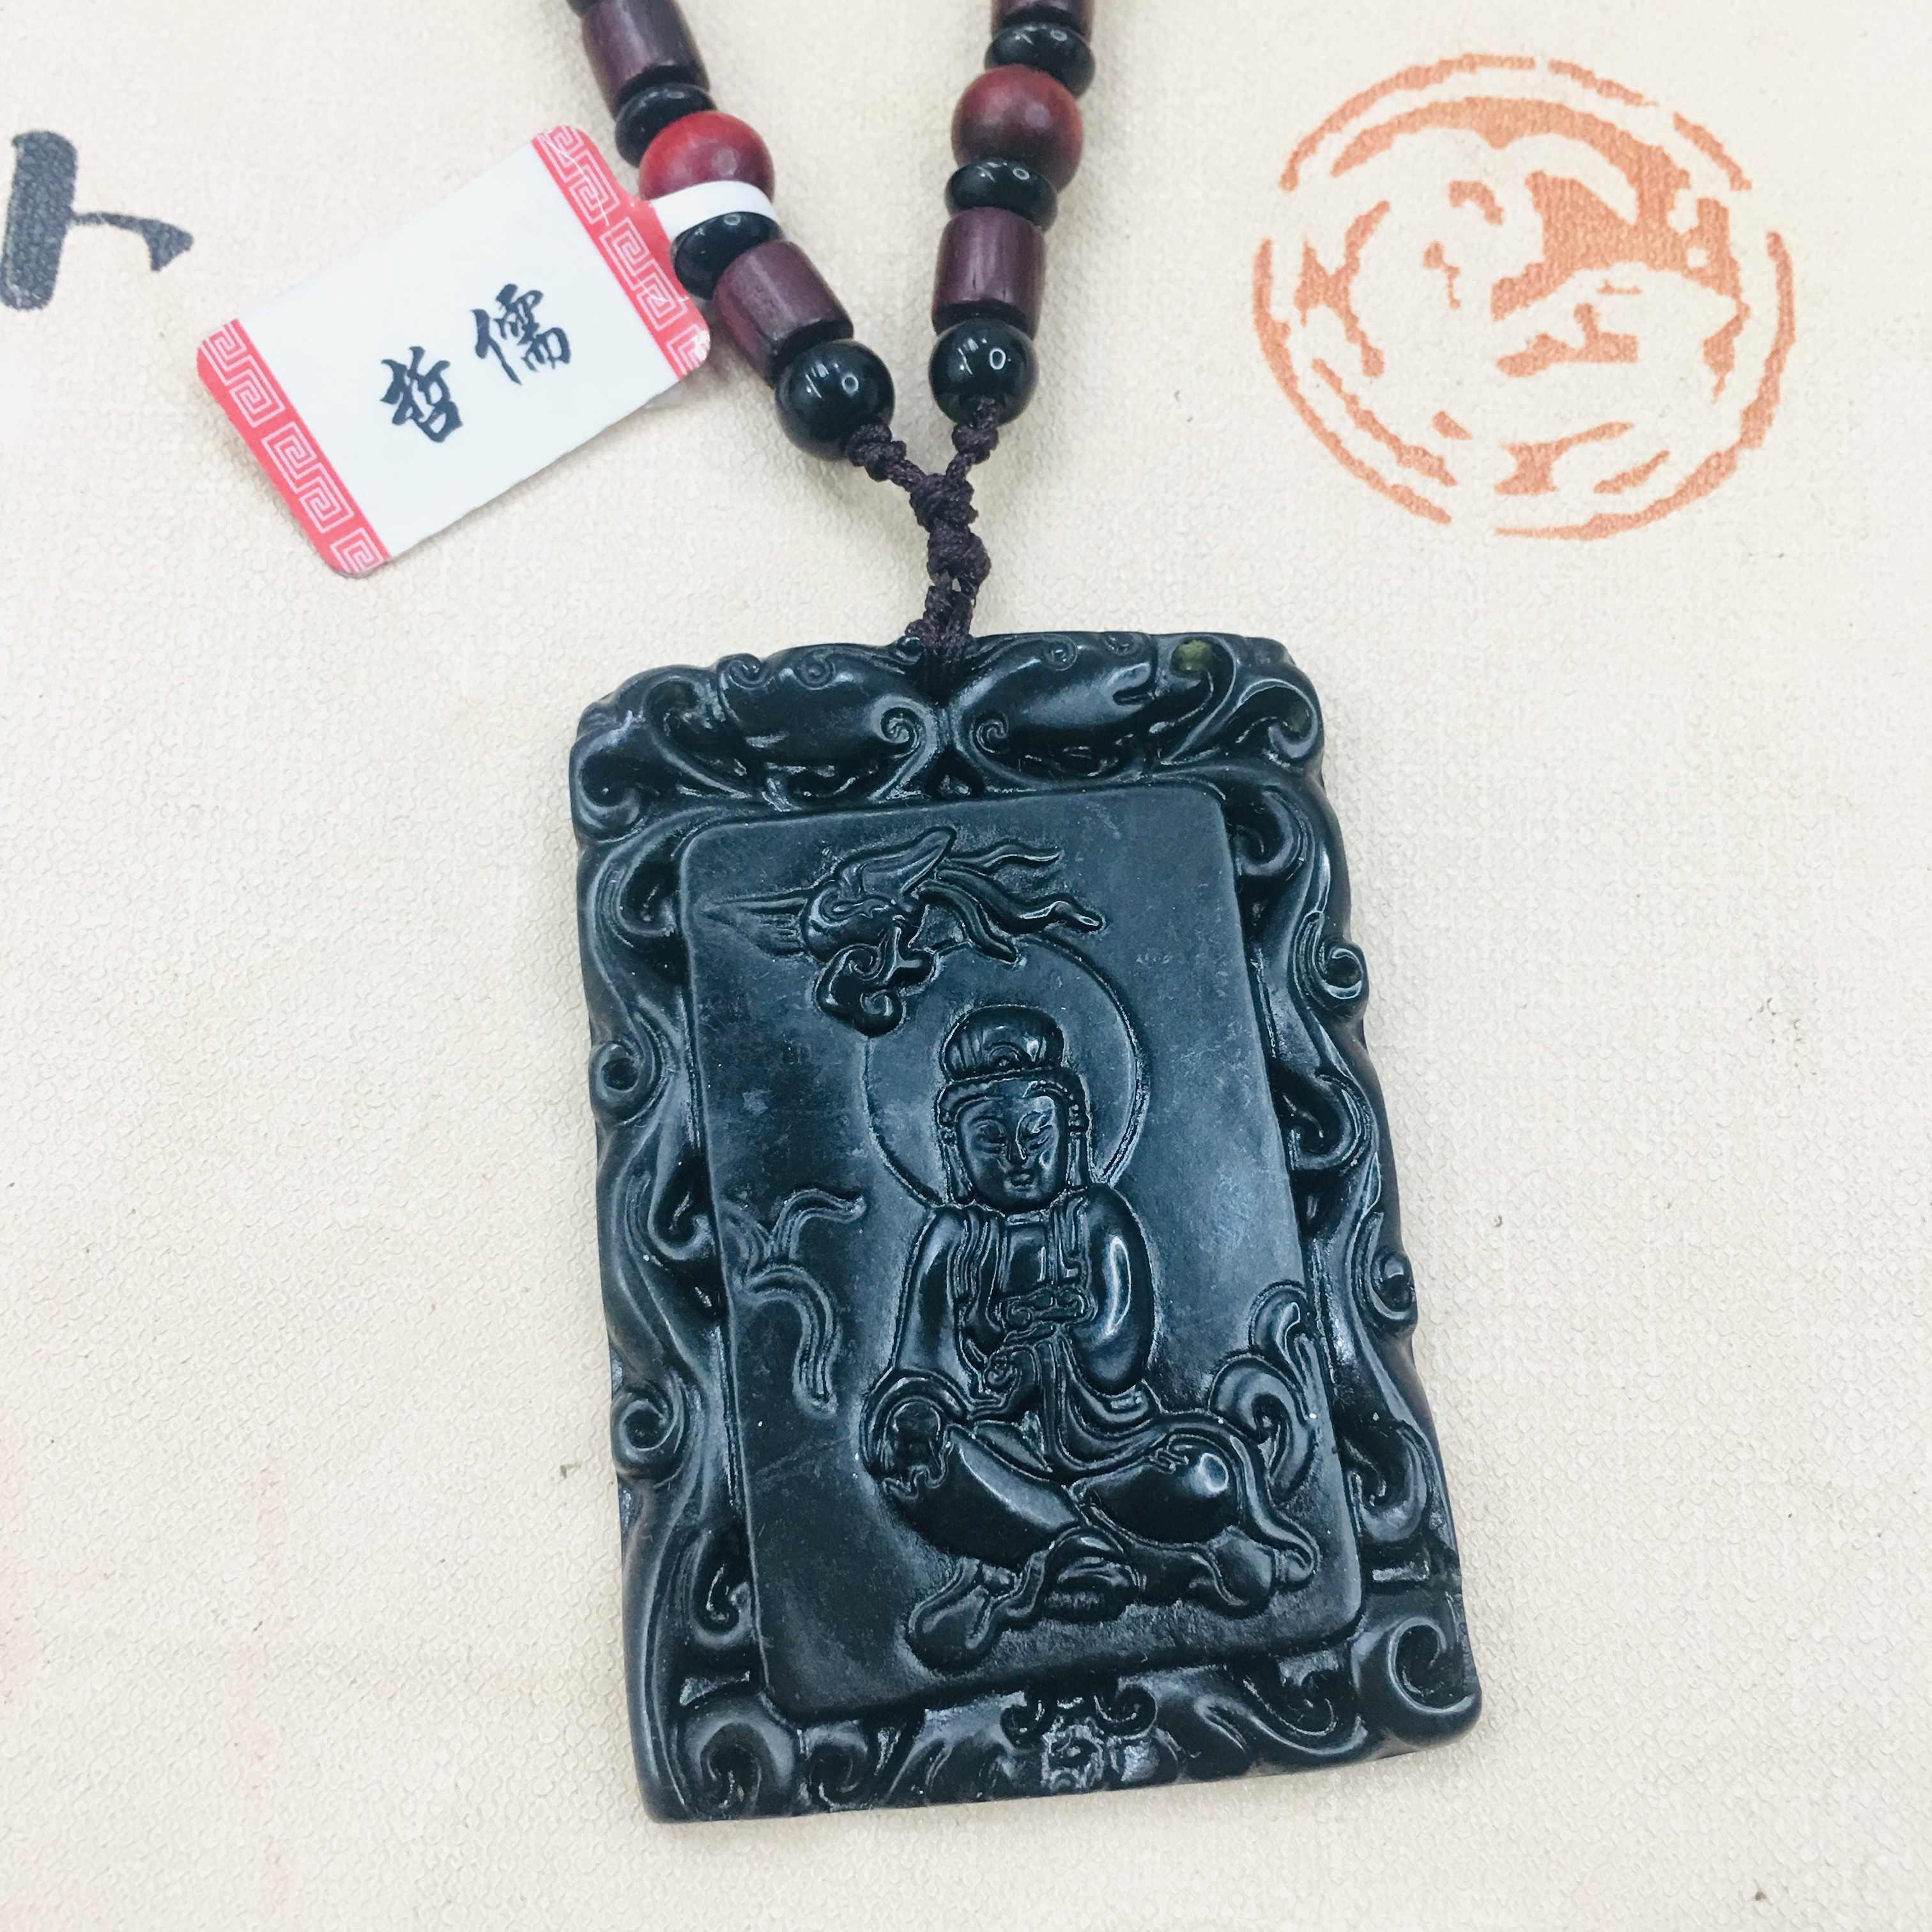 ジュエリージュエリー純粋な自然な黒翡翠彫刻幸運観音ペンダントネックレスジュエリー男性と女性を送信証明書